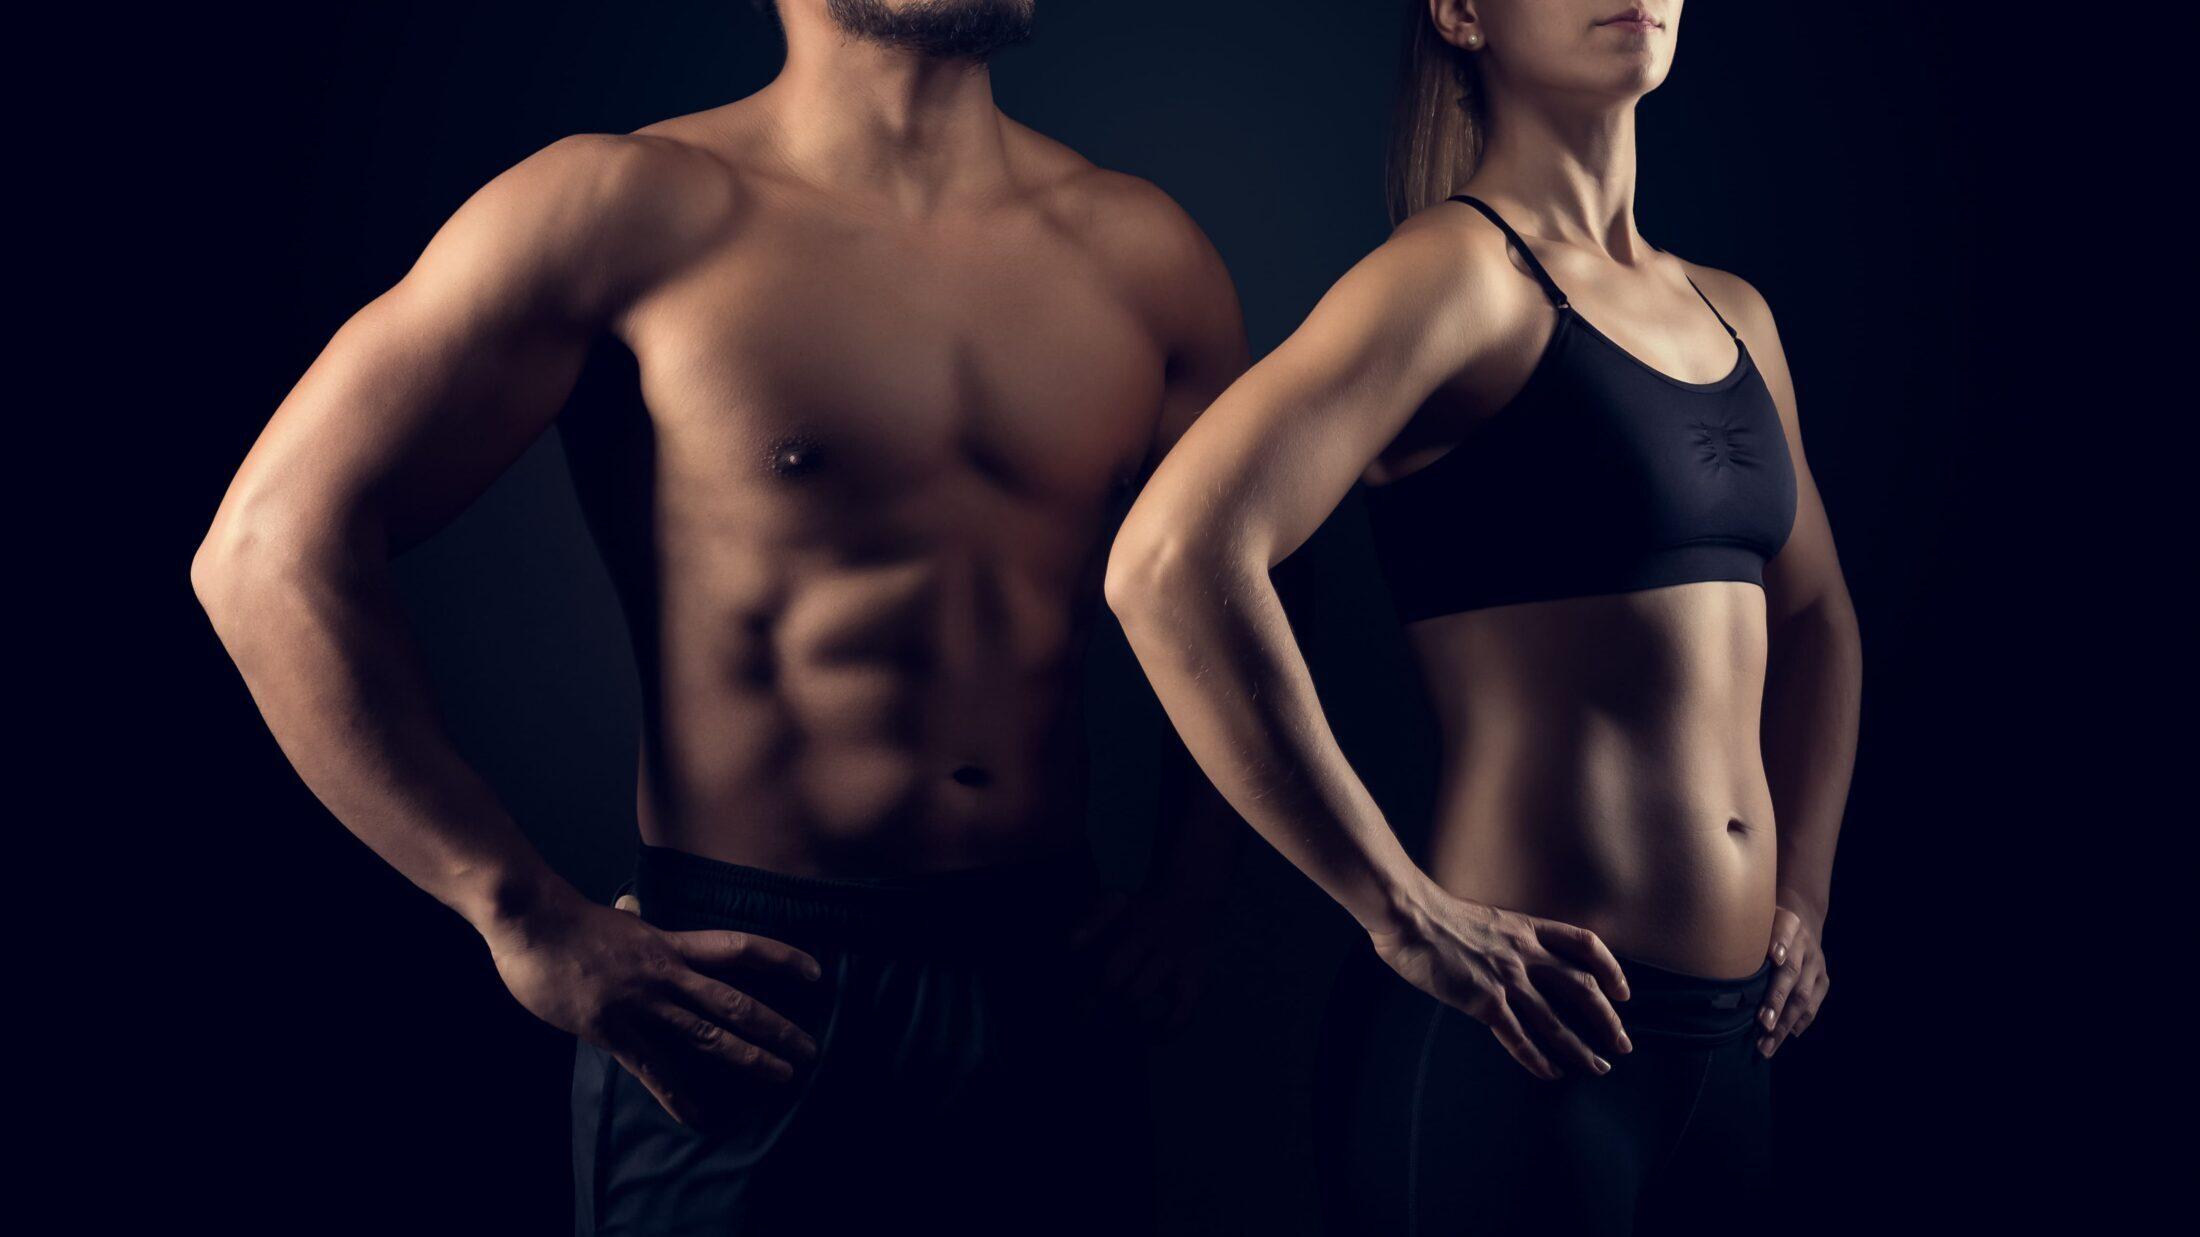 Muskulöser Mann und Frau in Sportkleidung | Dein Personal Trainer Berlin